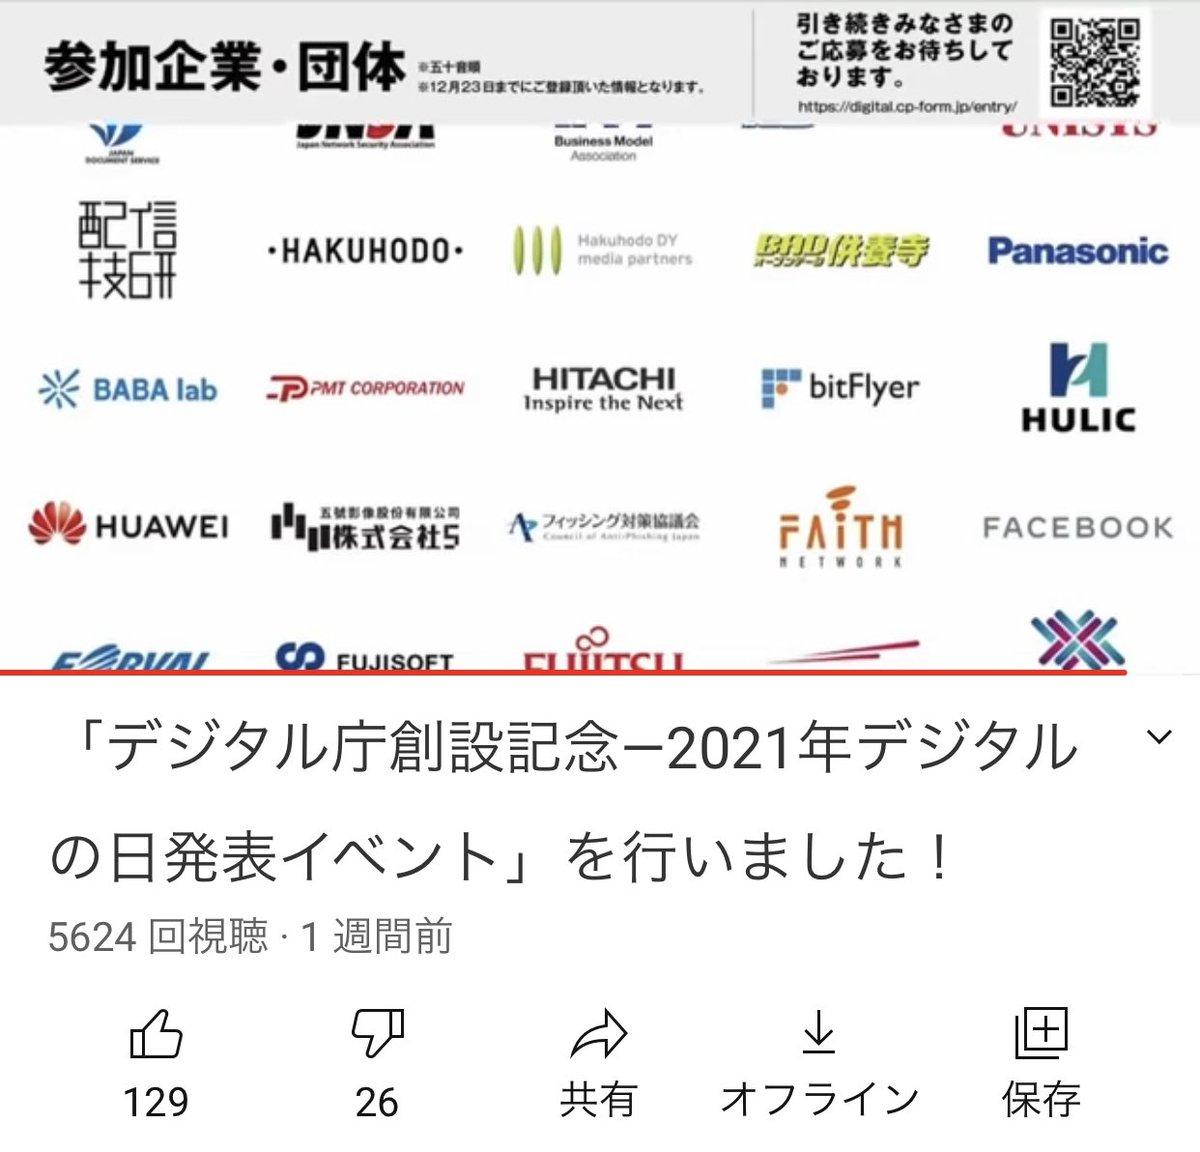 デジタル丁の参加企業・団体の中に何でHuaweiがあるの